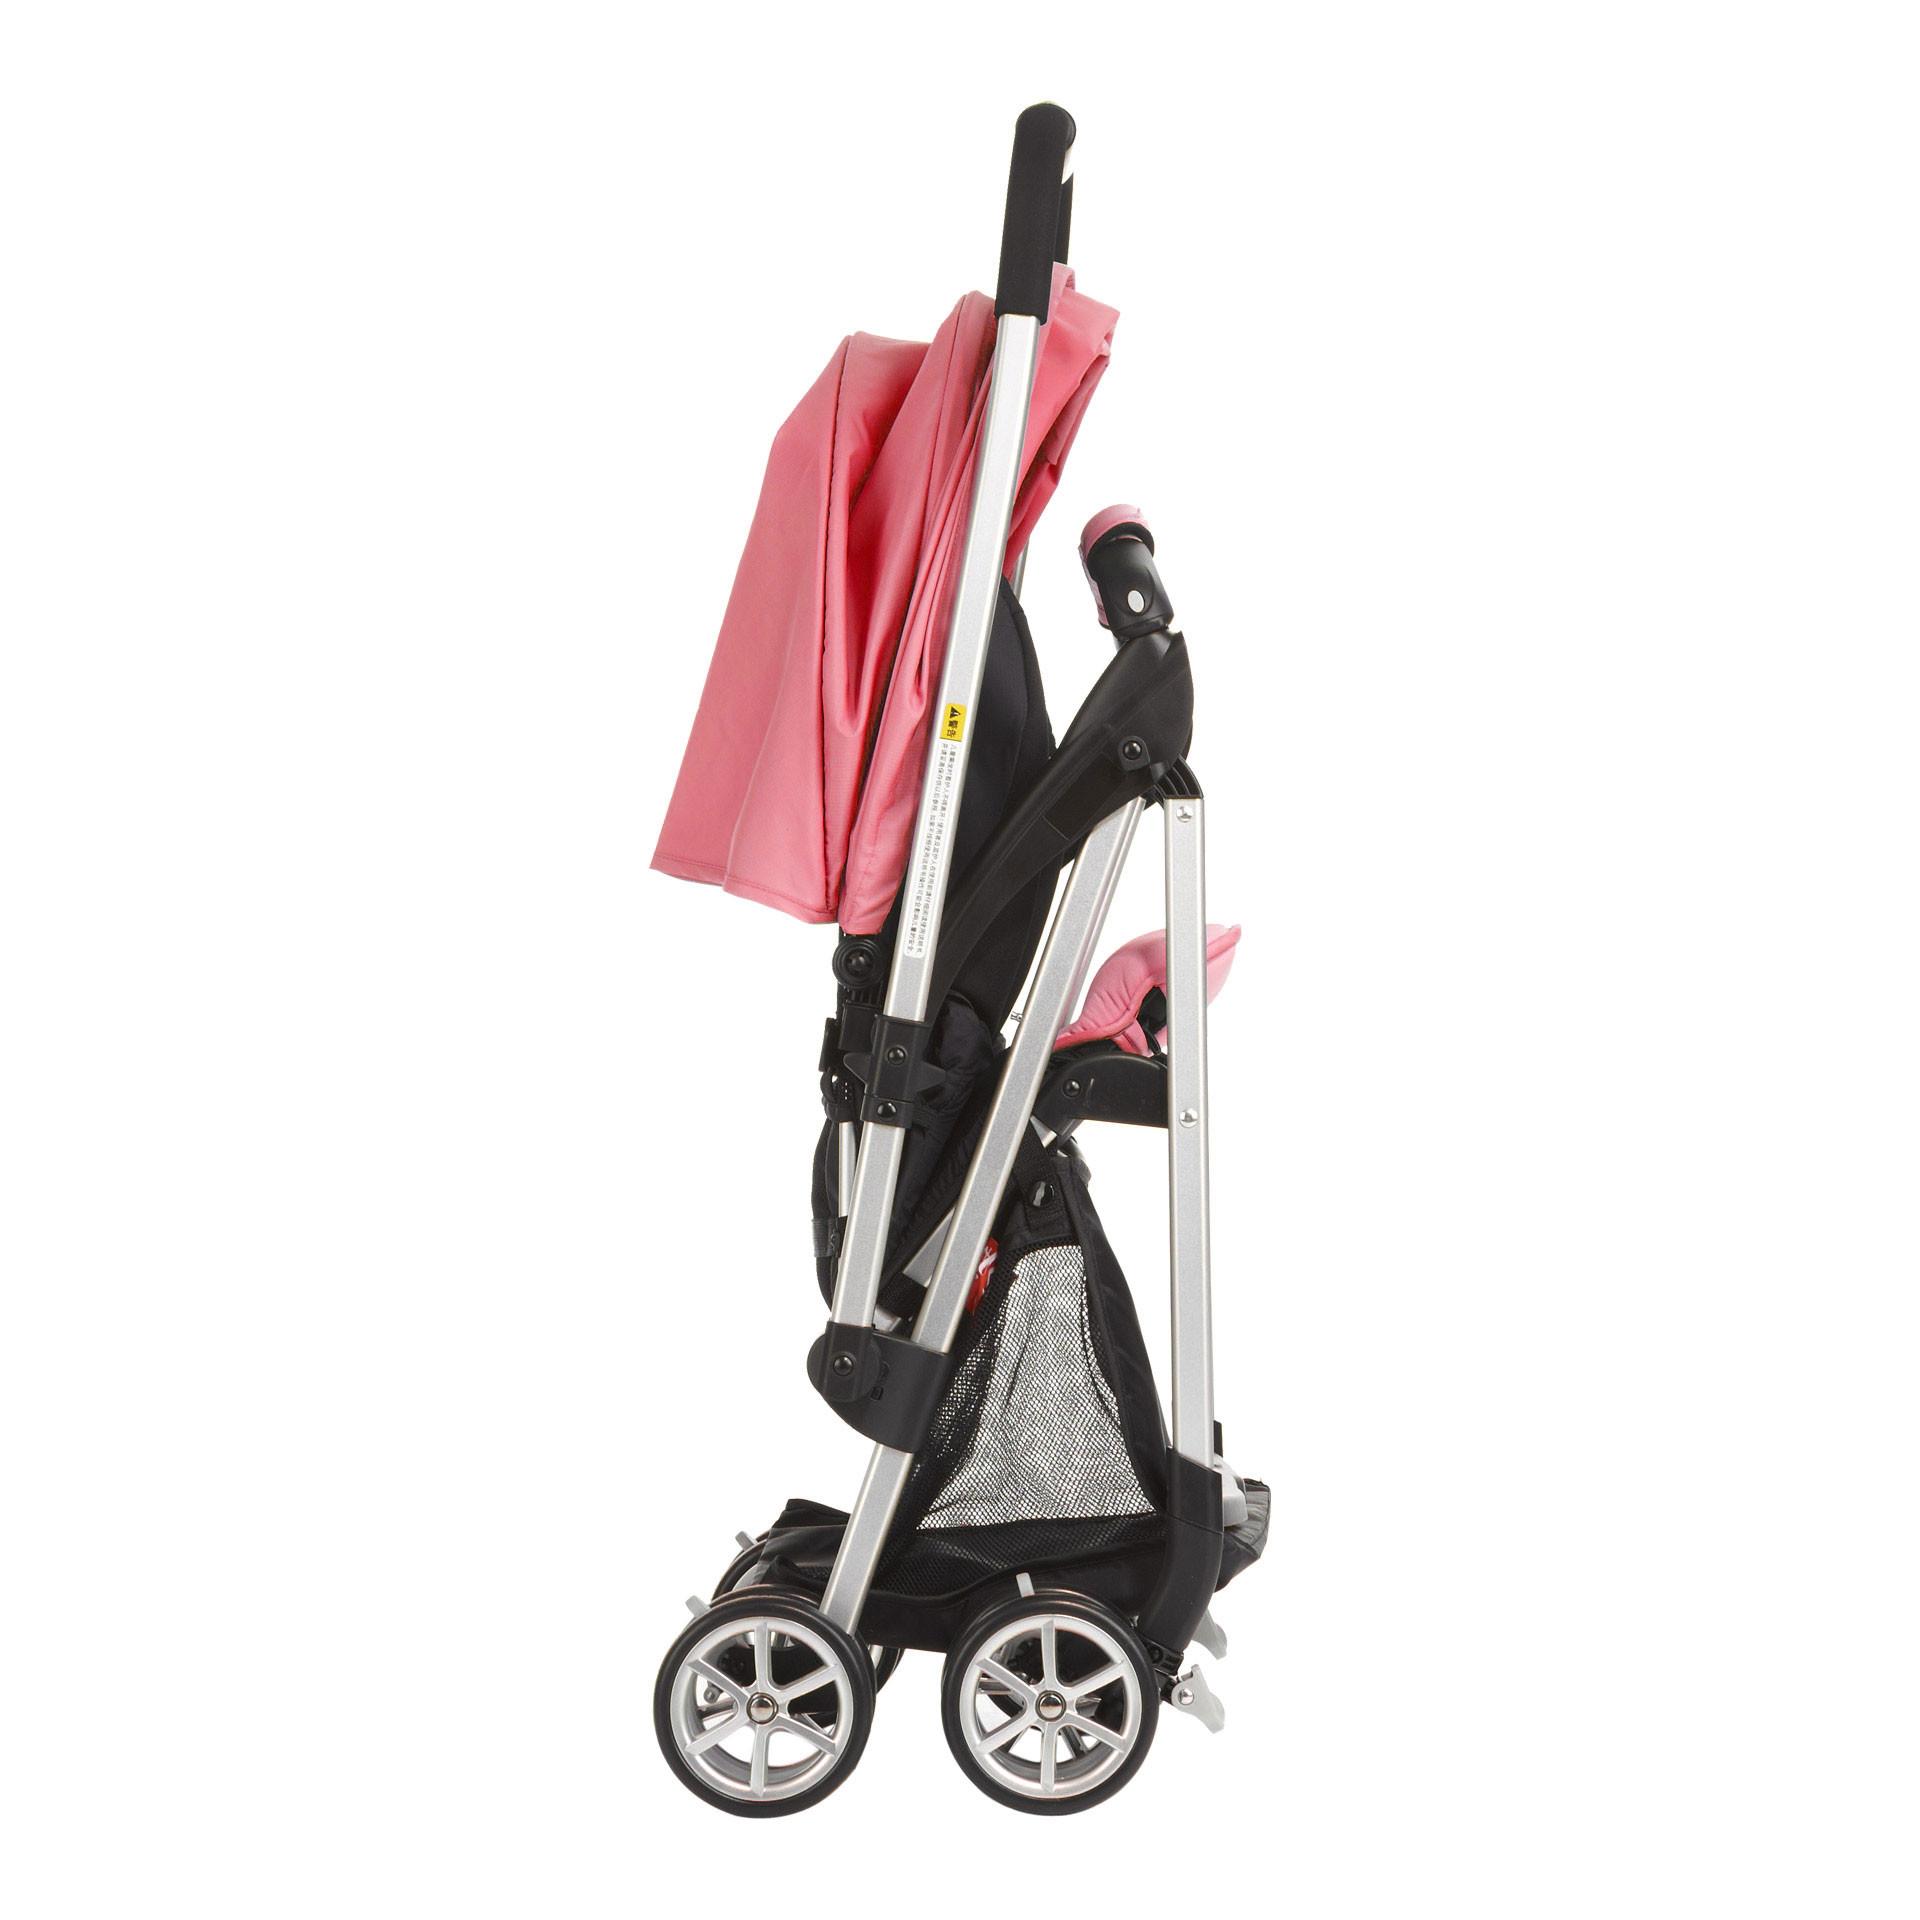 狂欢节 好孩子蜂鸟婴儿推车 伞车超轻便折叠 铝合金双向平躺d829 粉色